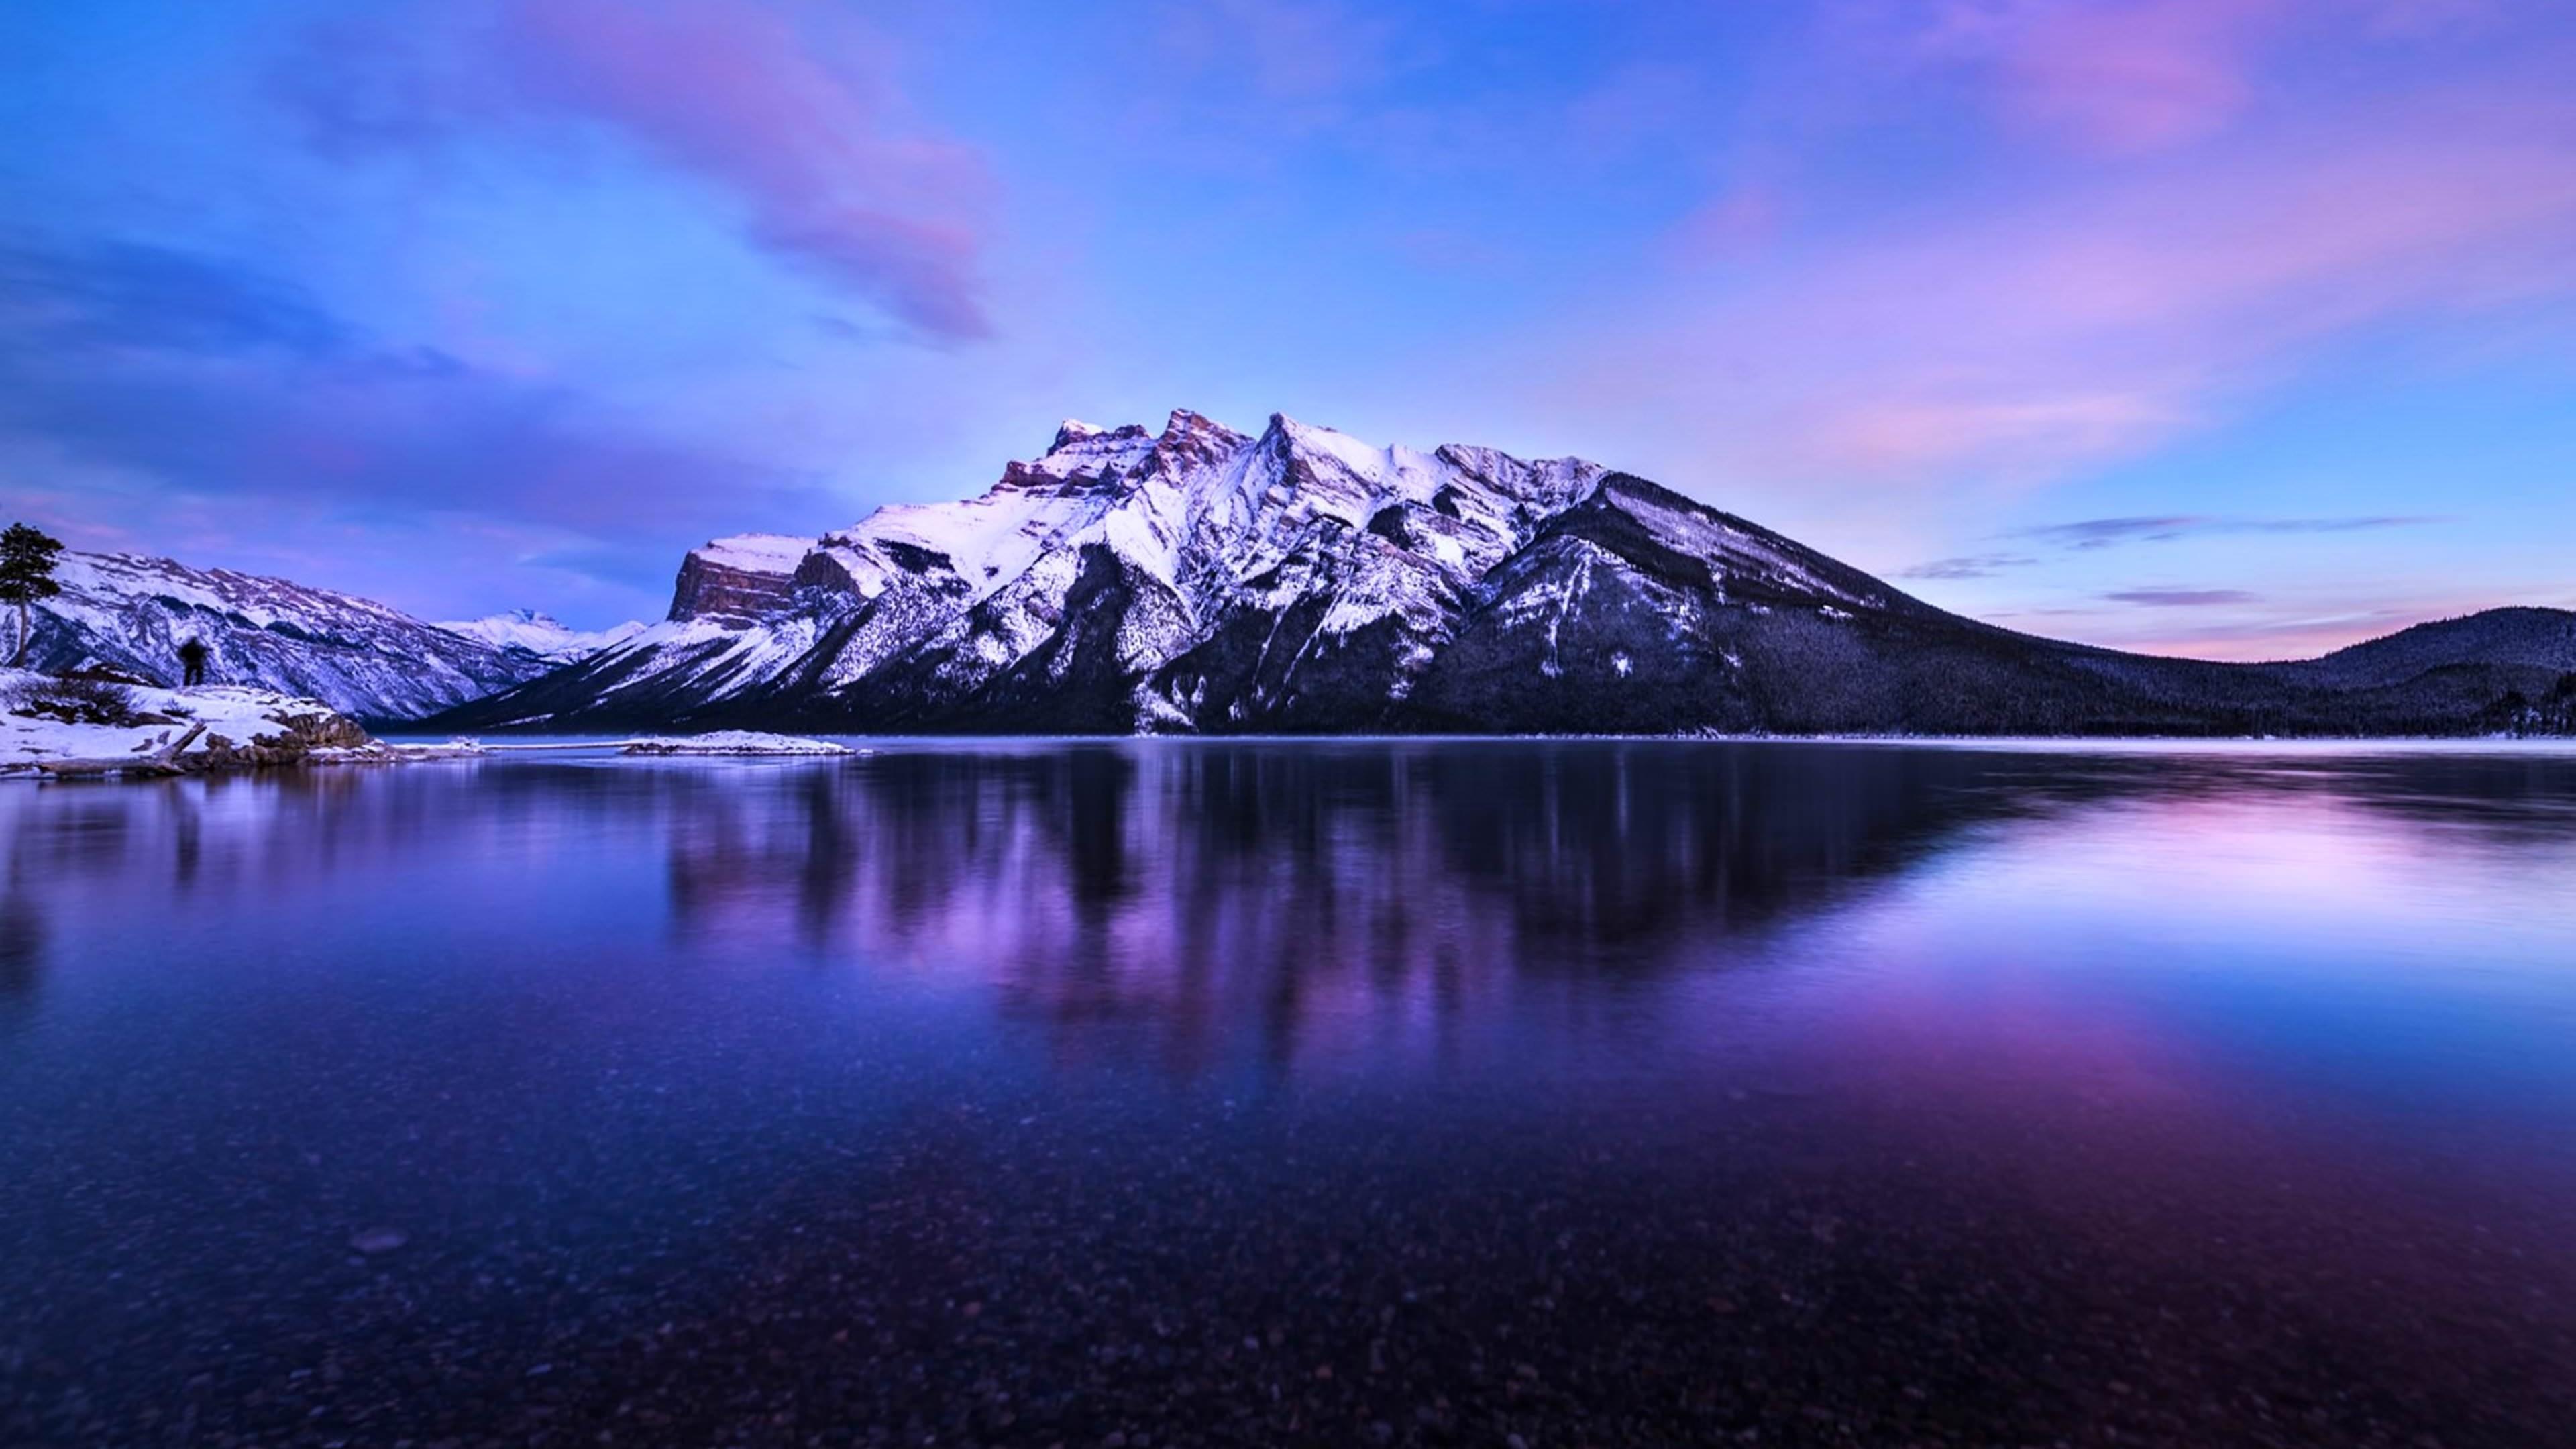 Banff National Park HD wallpaper for 4K 3840 x 2160   HDwallpapersnet 3840x2160